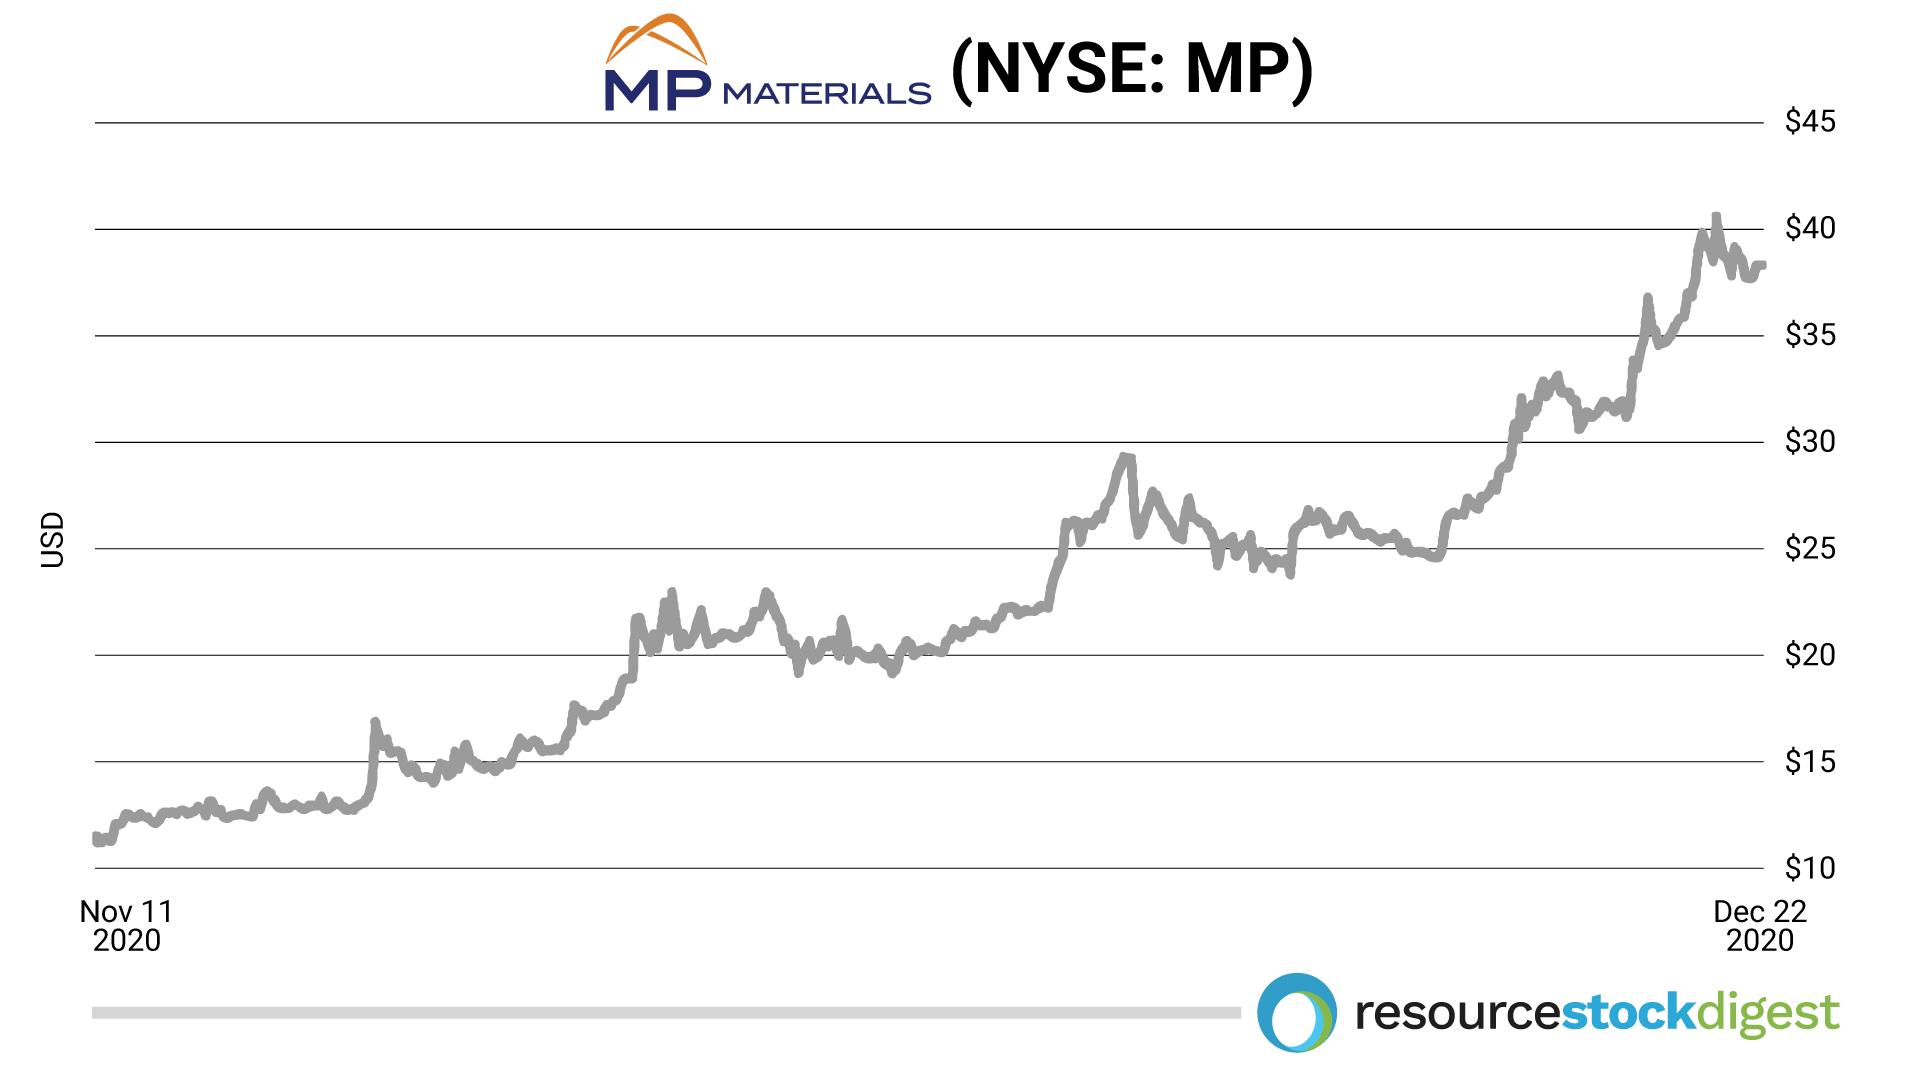 mp materials